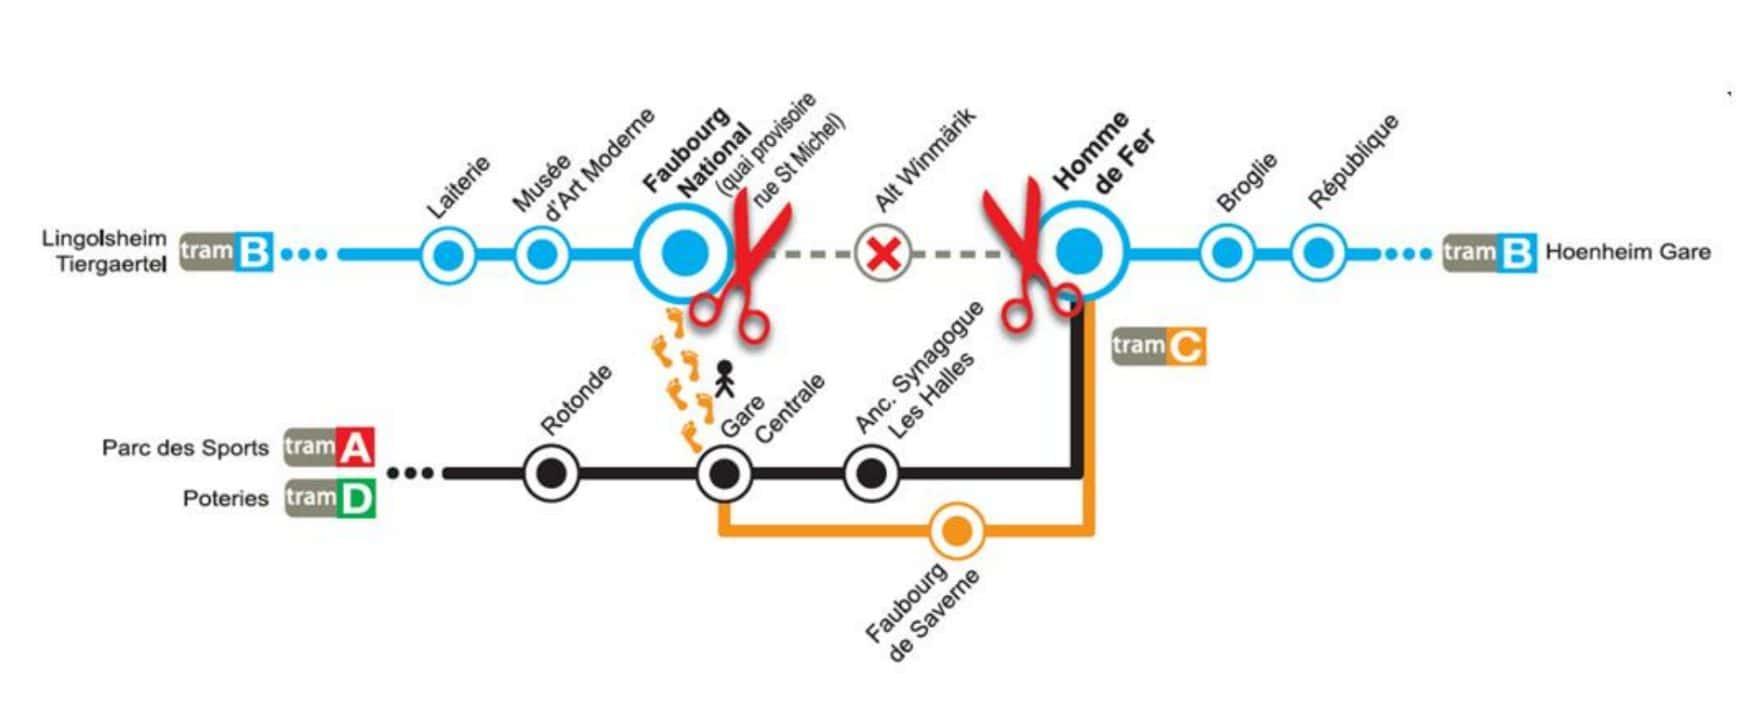 Les lignes B et F du tram interrompues et plus de station Alt Winmärik jusqu'au 22 juillet